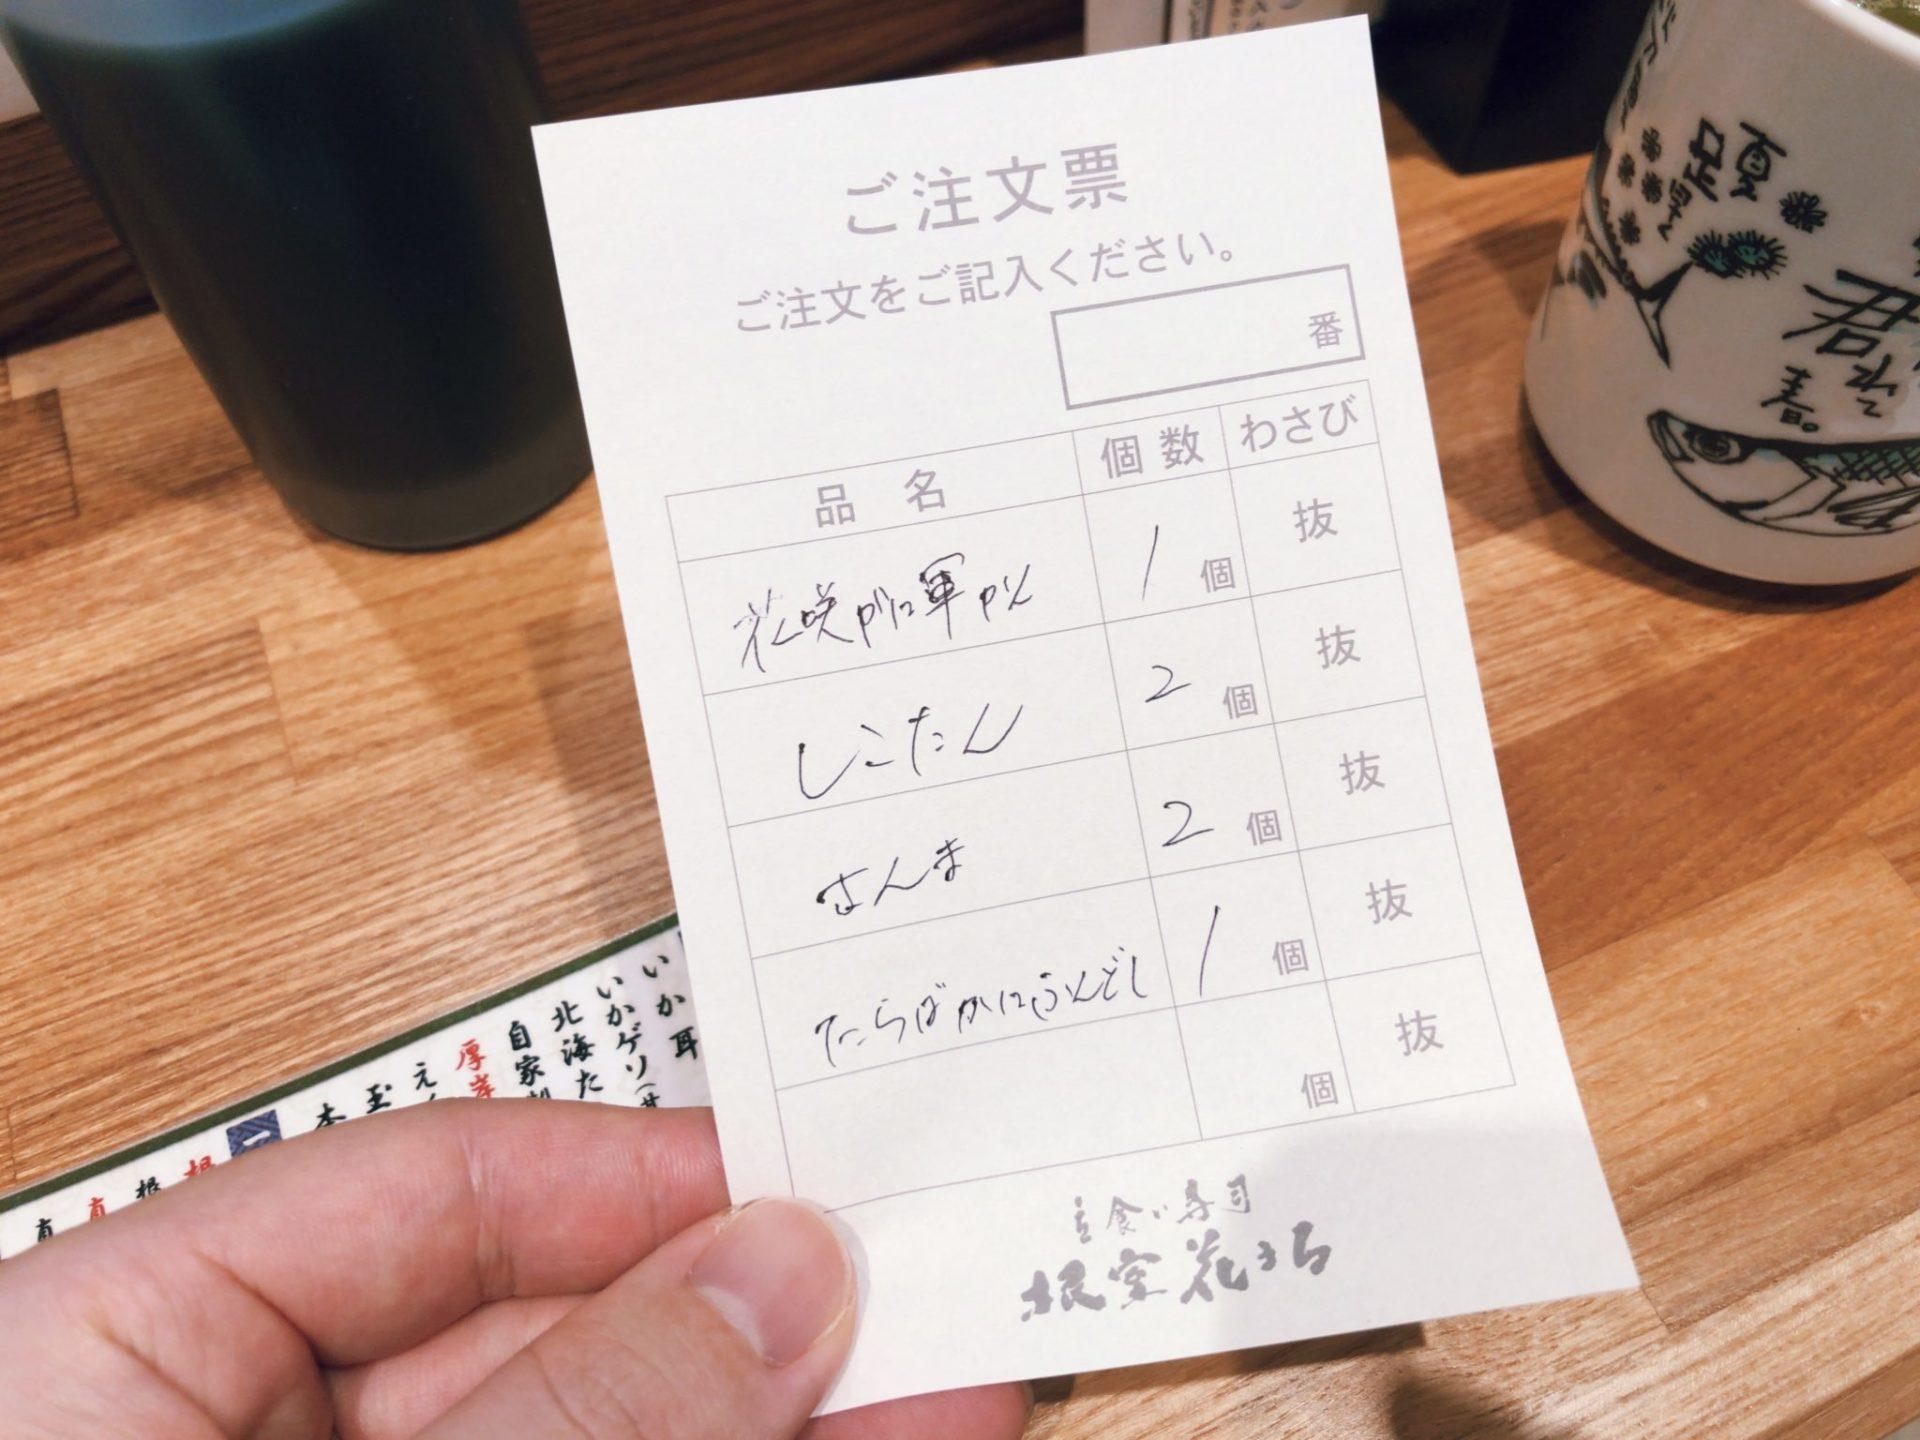 立食い寿司 根室花まる 神宮前店(原宿店)の注文票